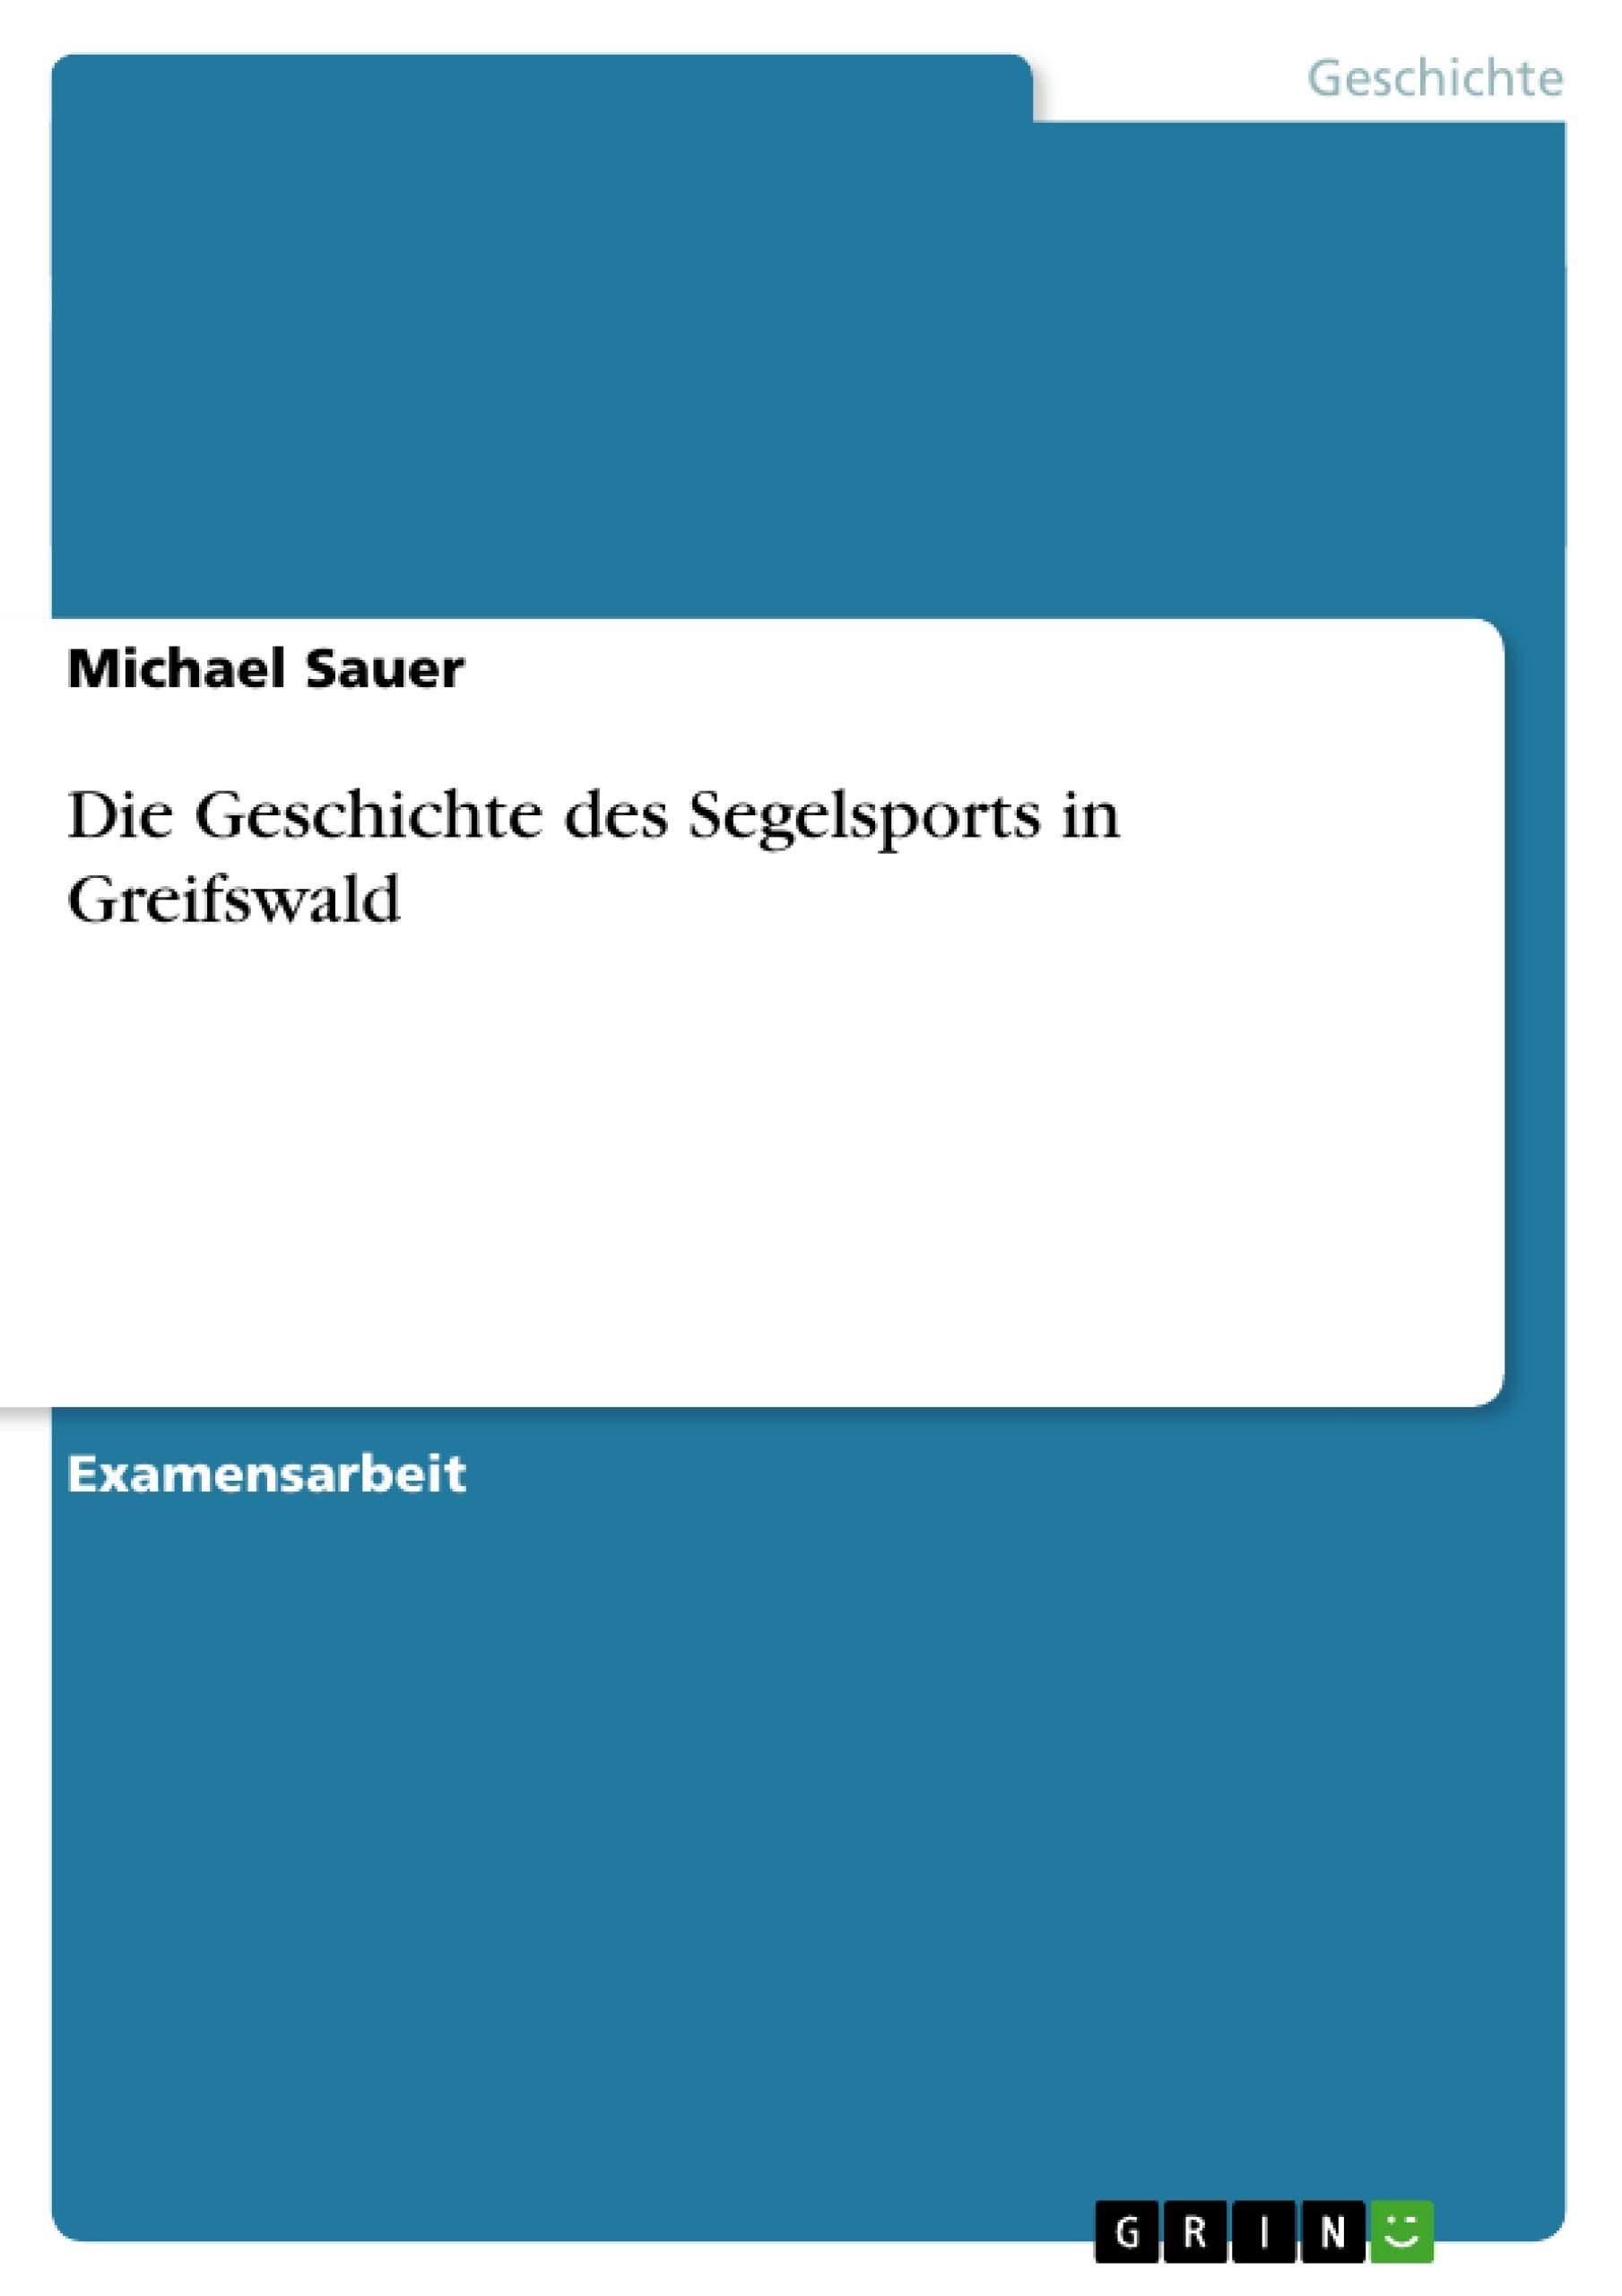 Titel: Die Geschichte des Segelsports in Greifswald